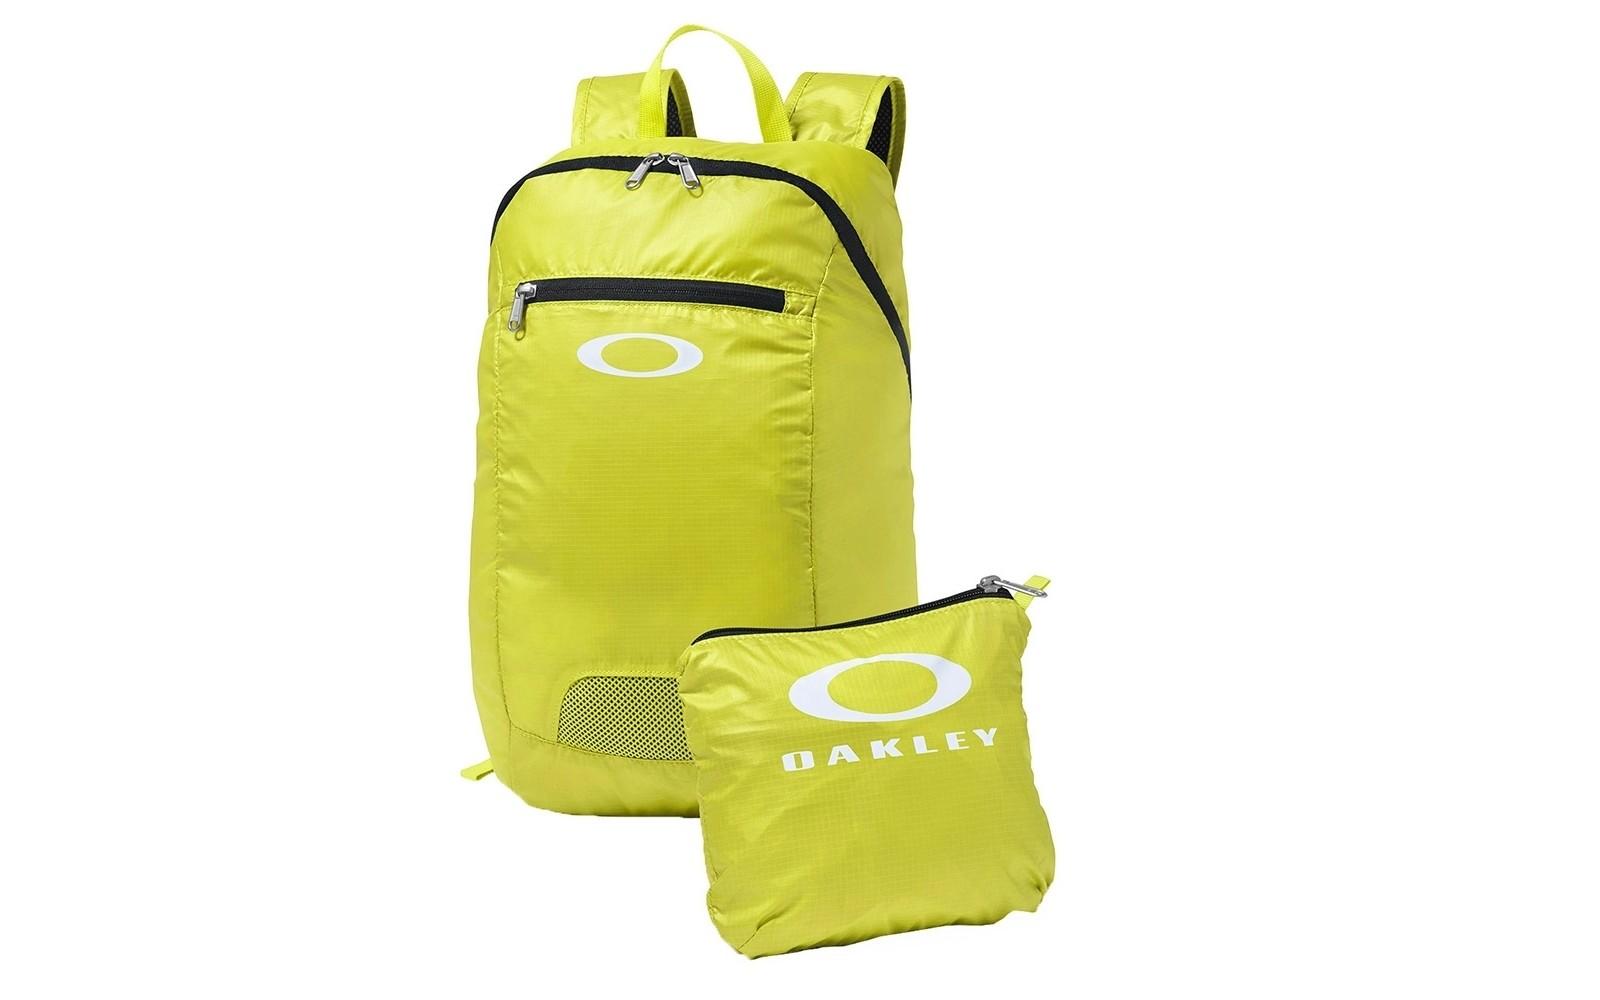 Oakley Packable Backpack - Laser - 92732-599 Rugzak